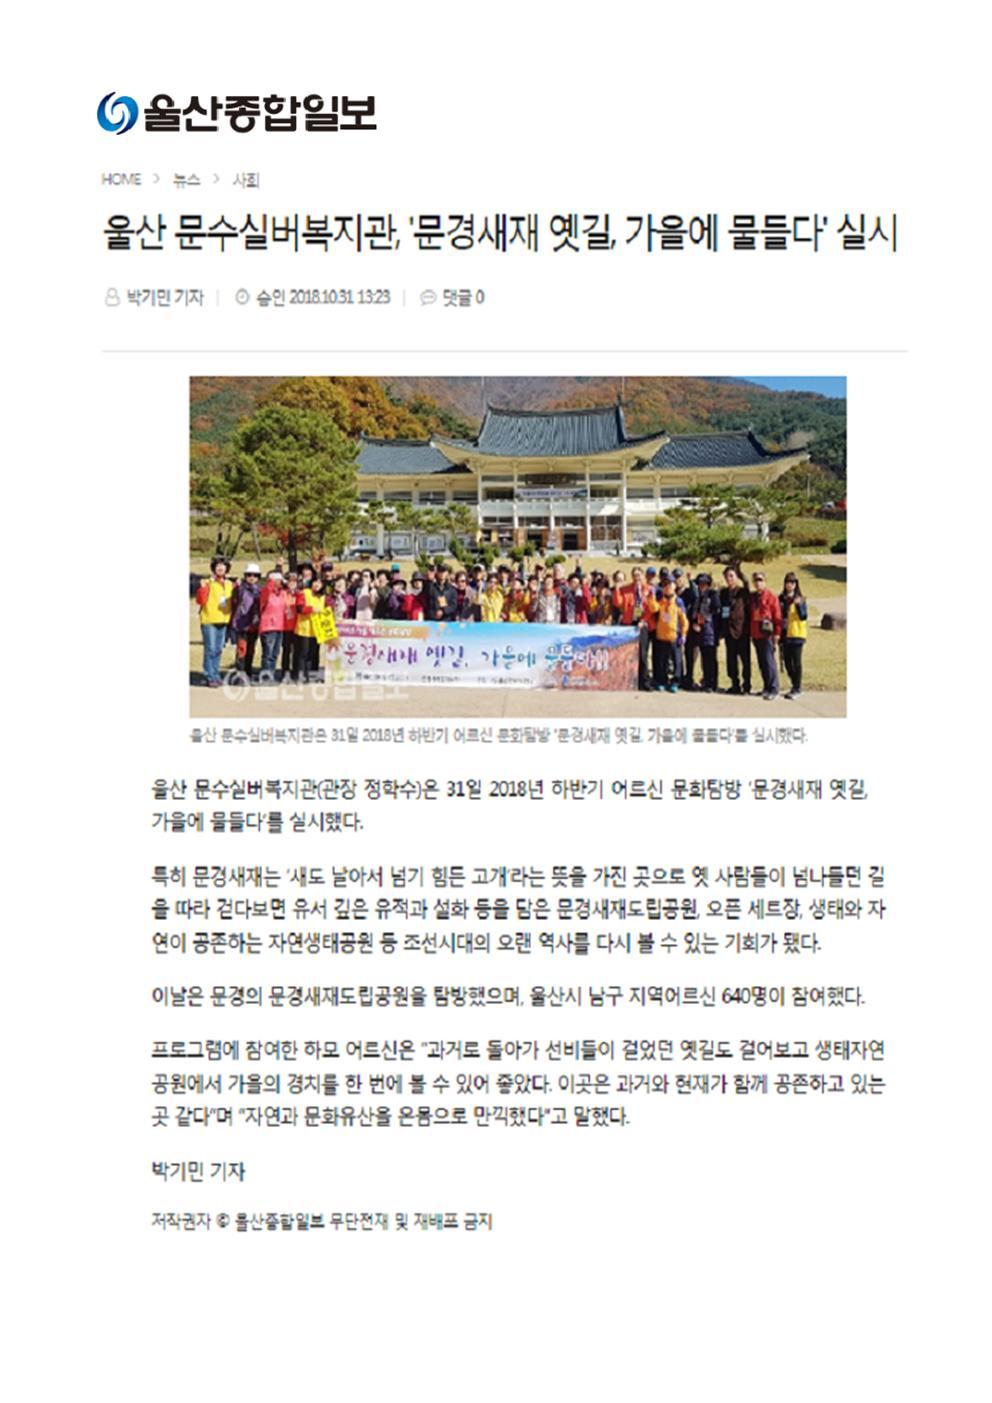 (울산종합일보)2018년 가을 어르신 문화탐방 실시001.jpg